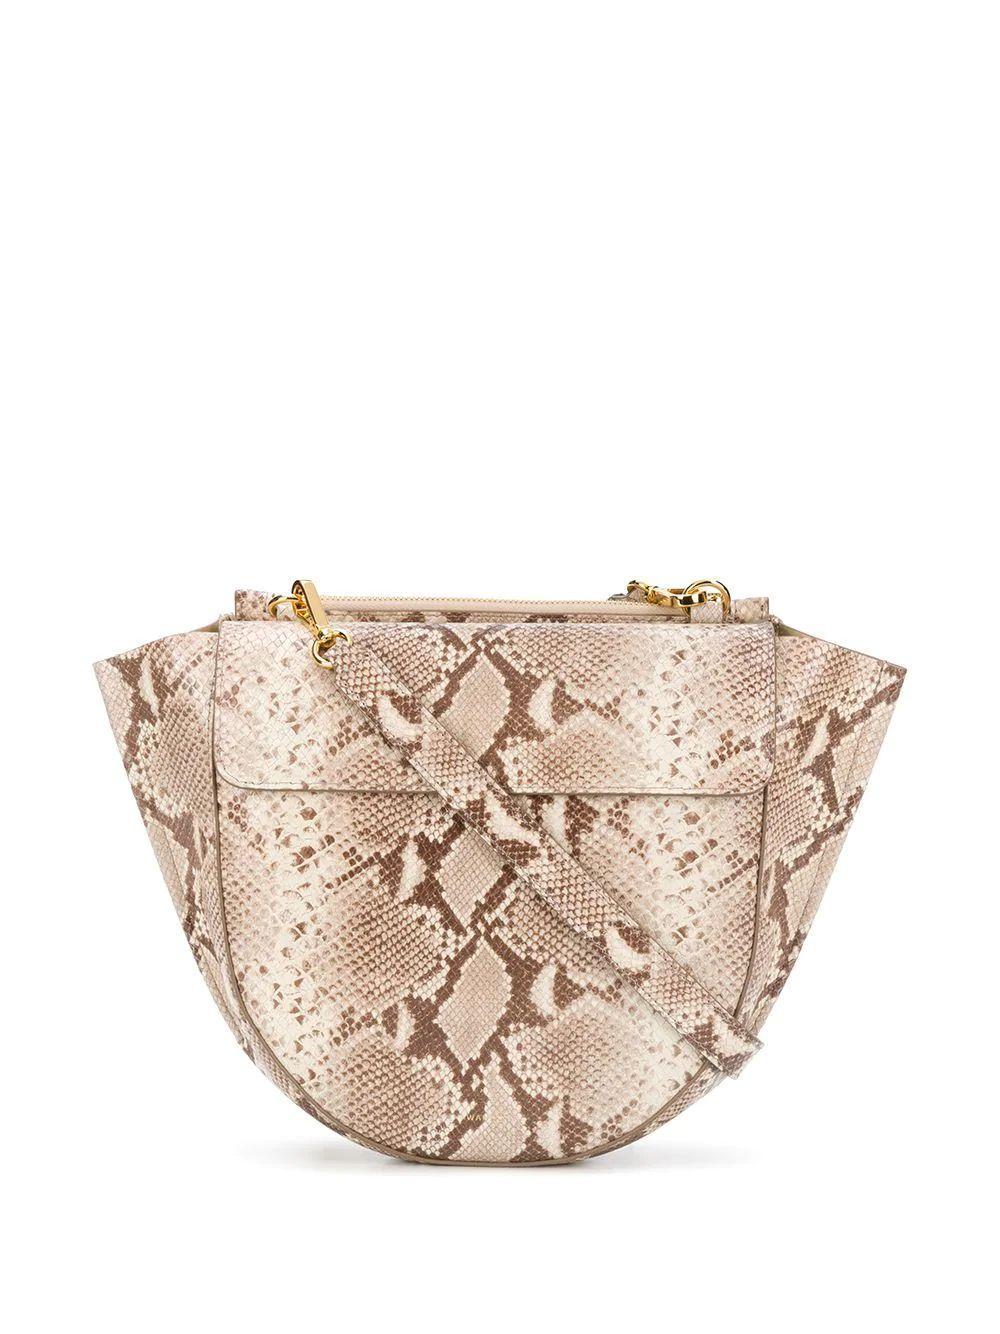 Hortensia Medium Bag Item # HORTENSIA-M-S20